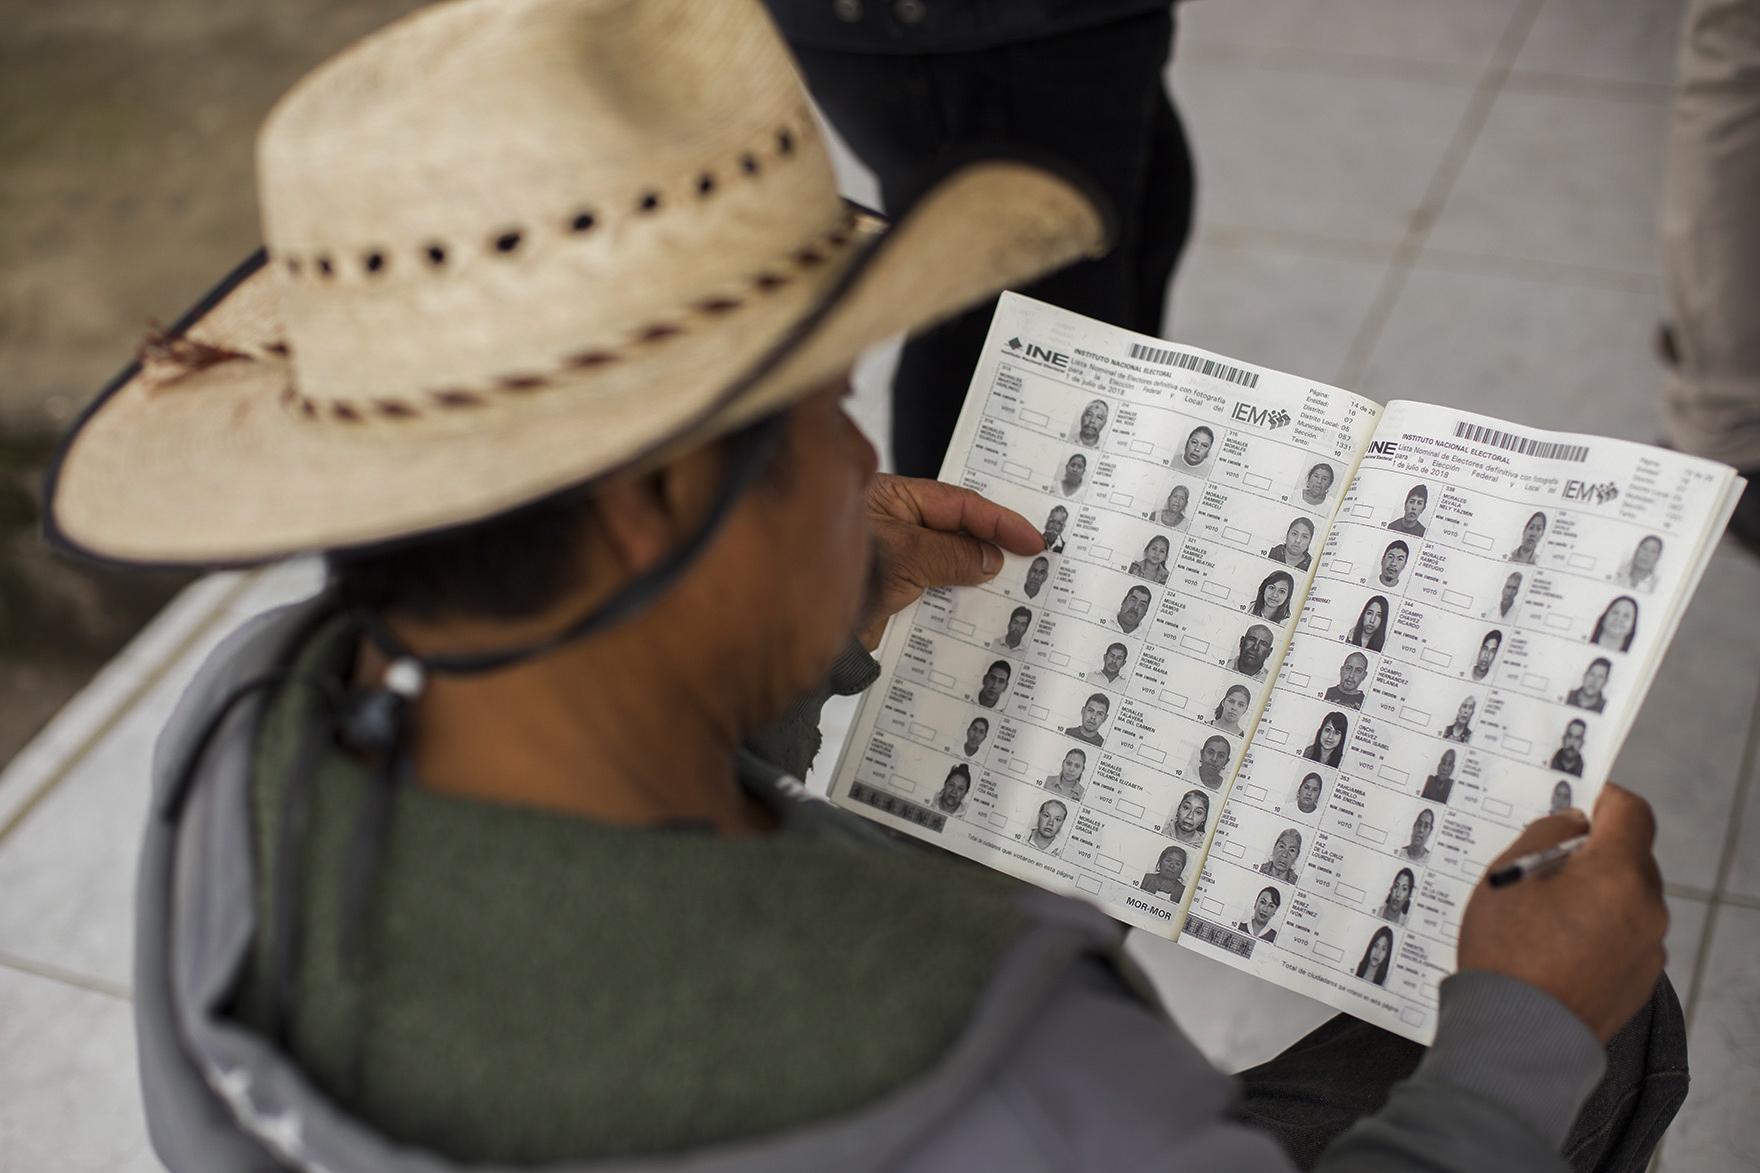 المرشحين فى الانتخابات التشريعية بالمكسيك